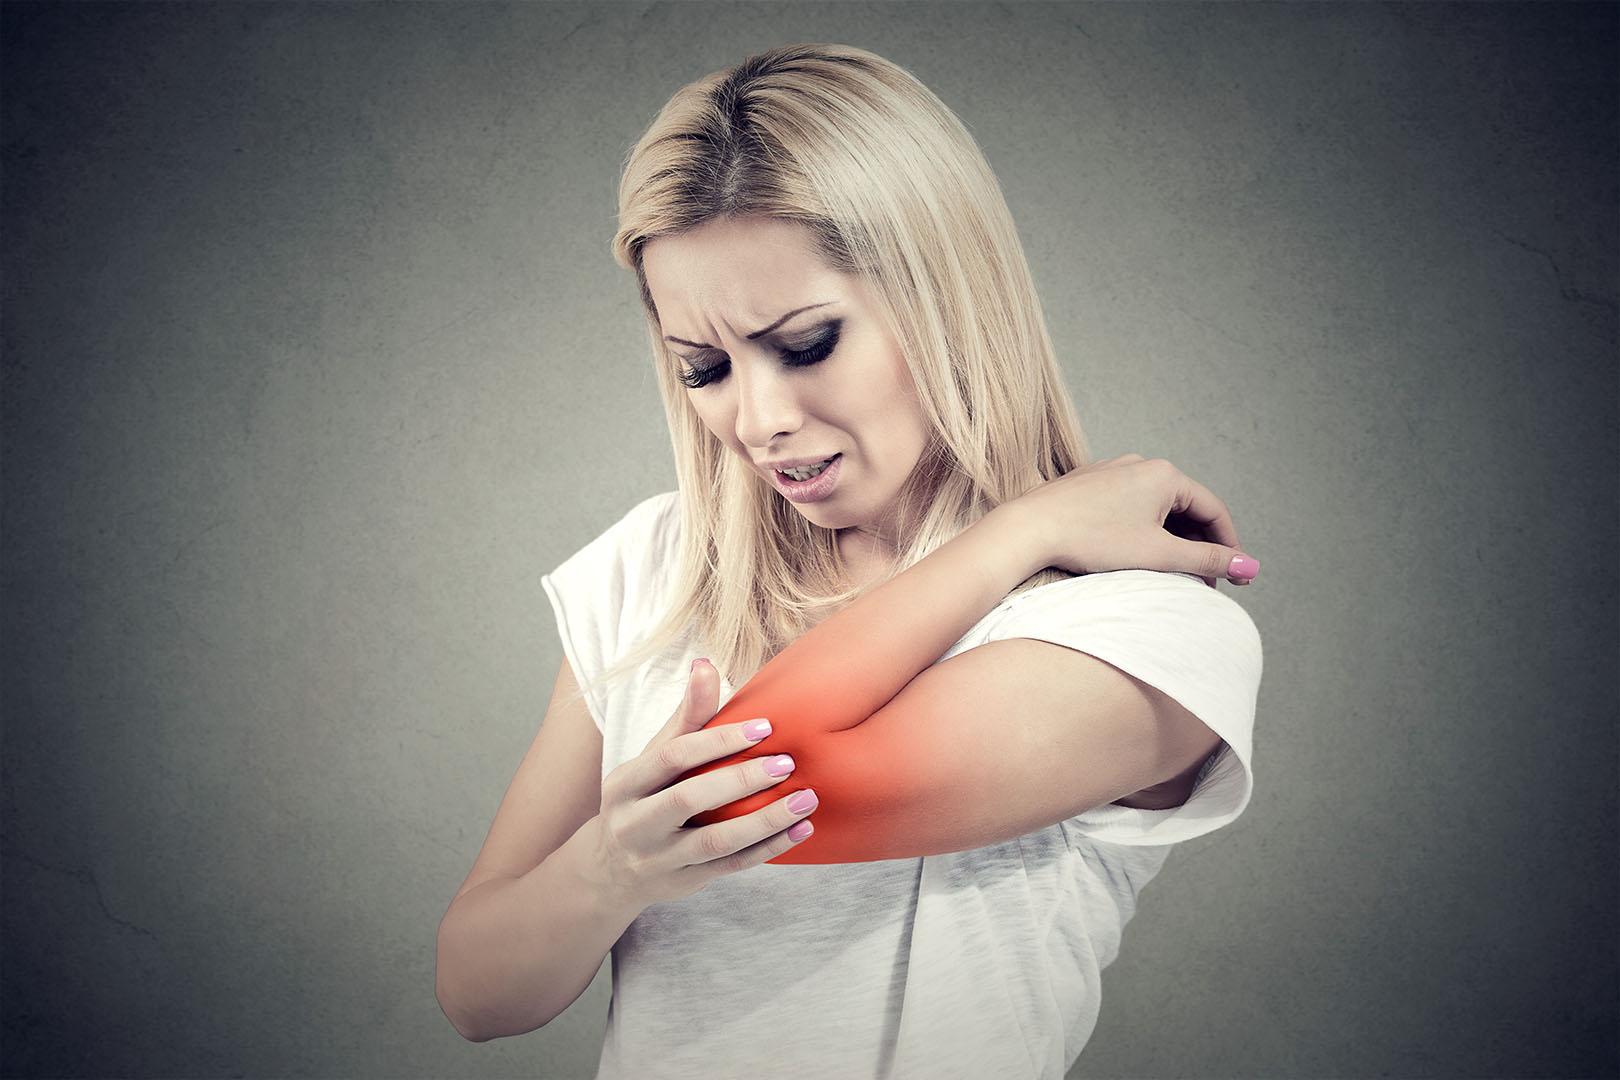 Pengertian Penyakit Lupus Hingga Gejala Lupus pada Wanita